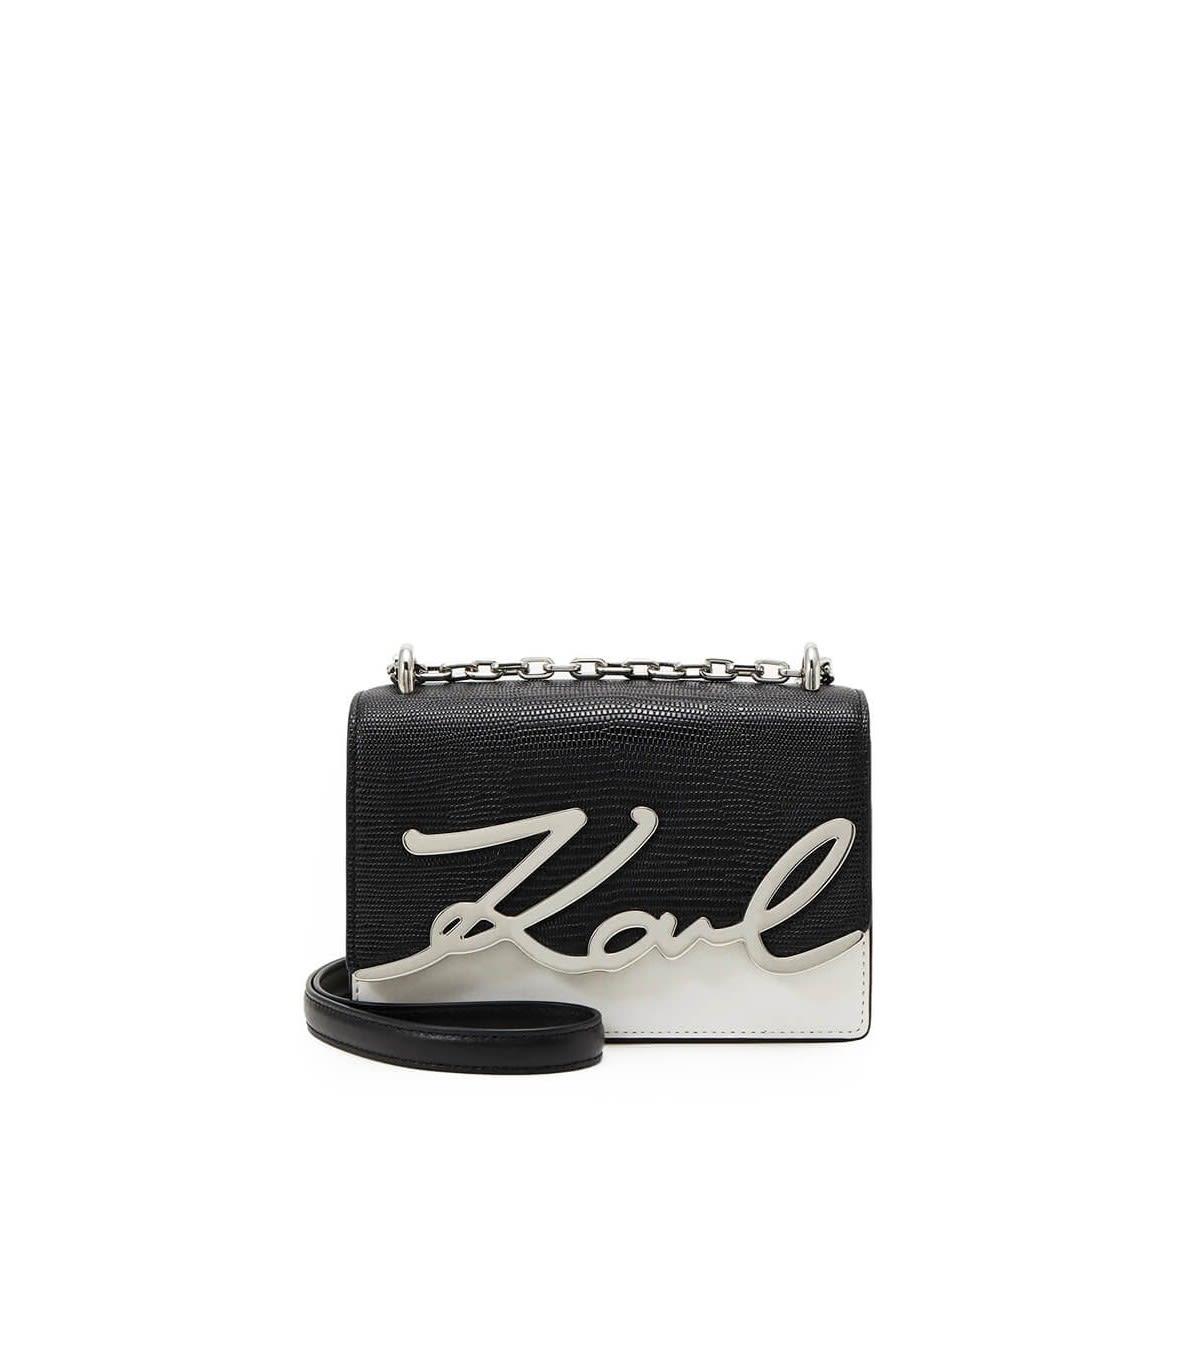 KARL LAGERFELD K/SIGNATURE BLACK WHITE CROSSBODY BAG